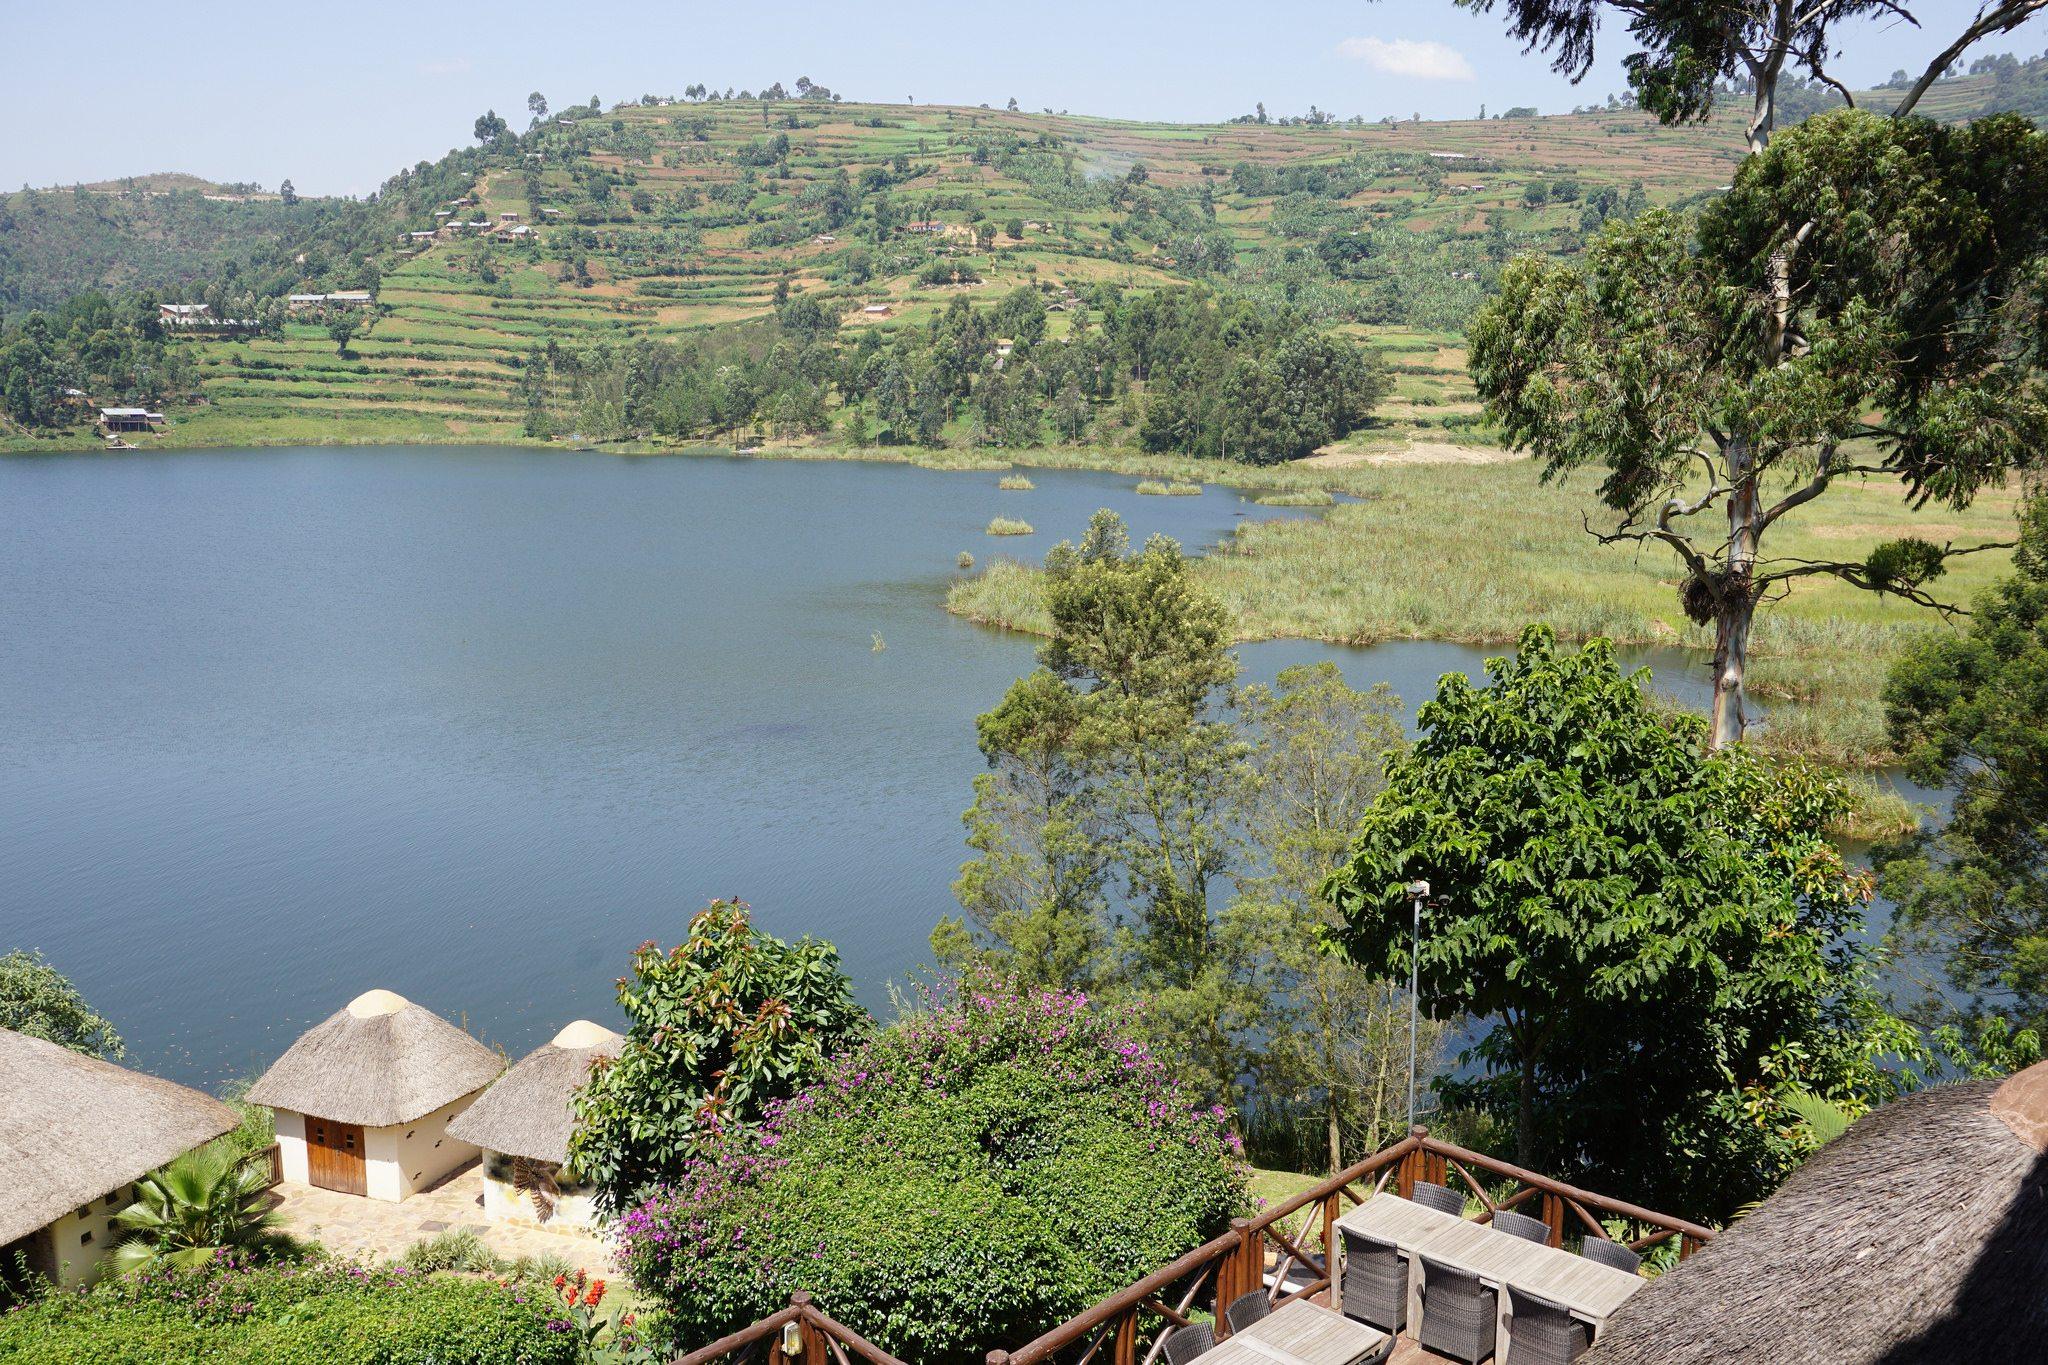 Birdnest @ Bunyonyi Resort